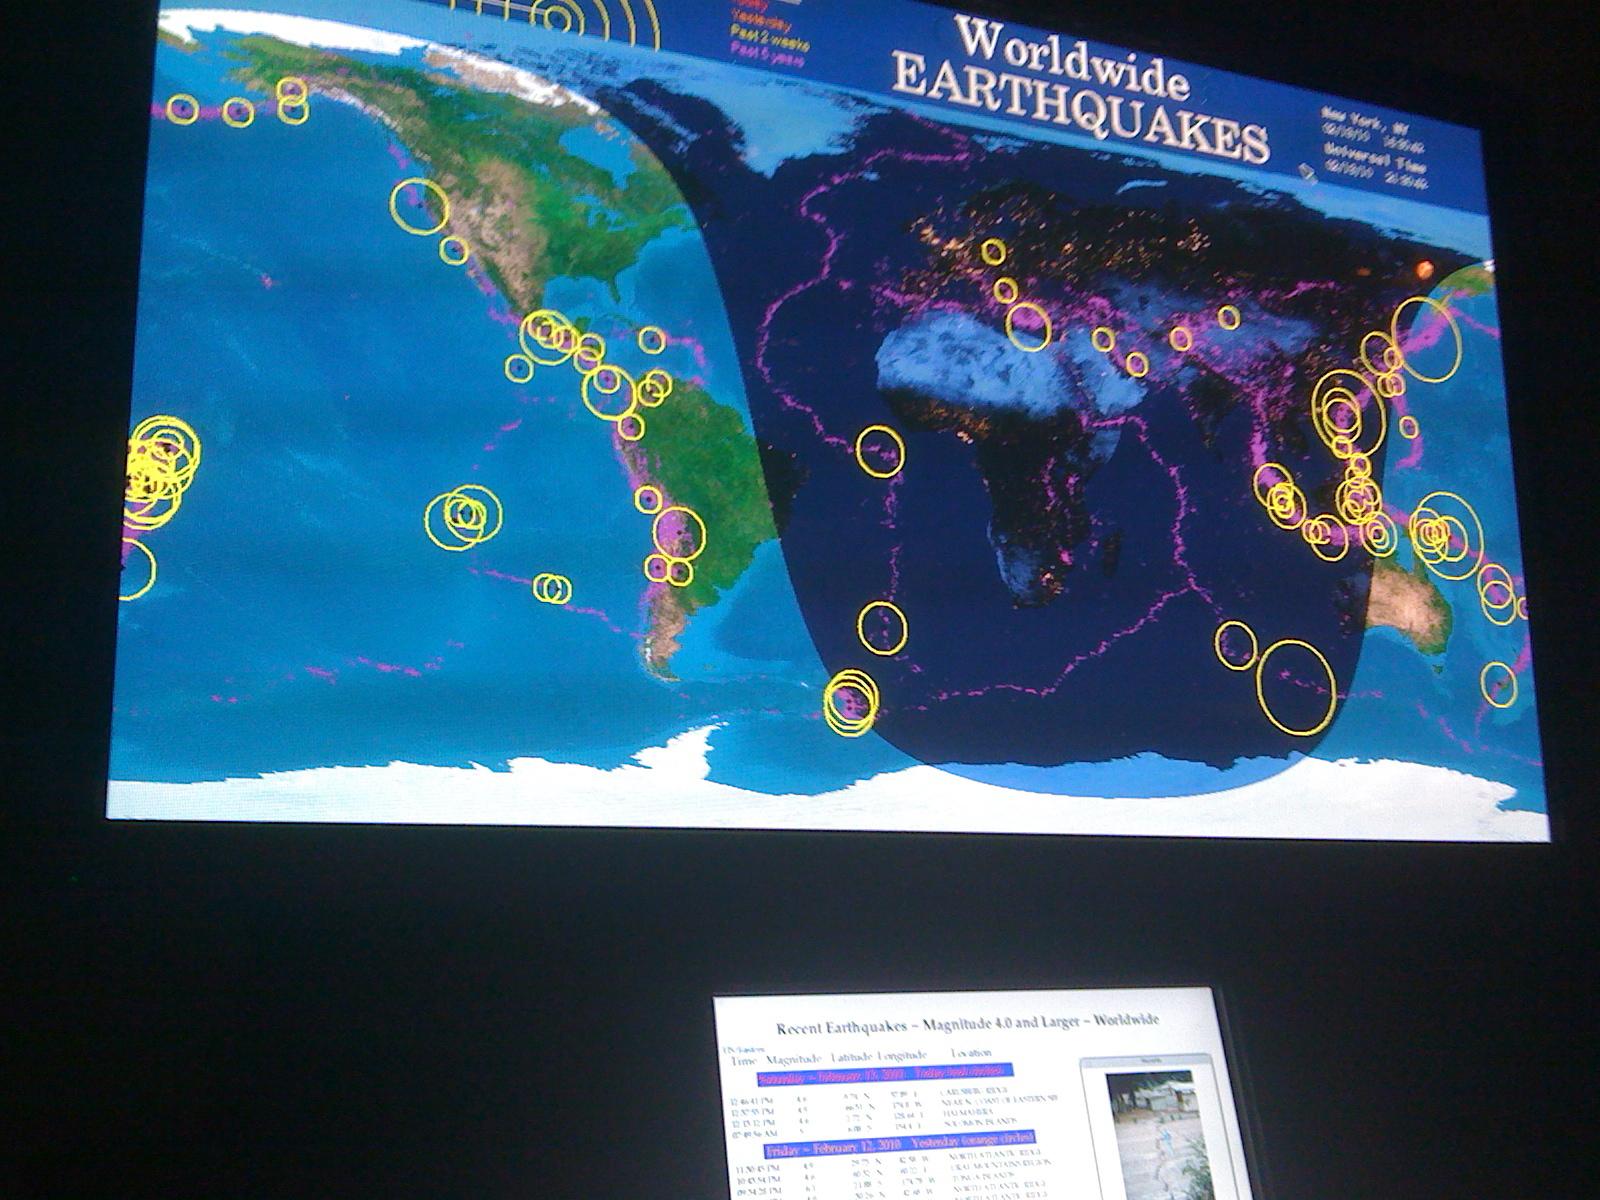 Display of earthquakes, worldwide